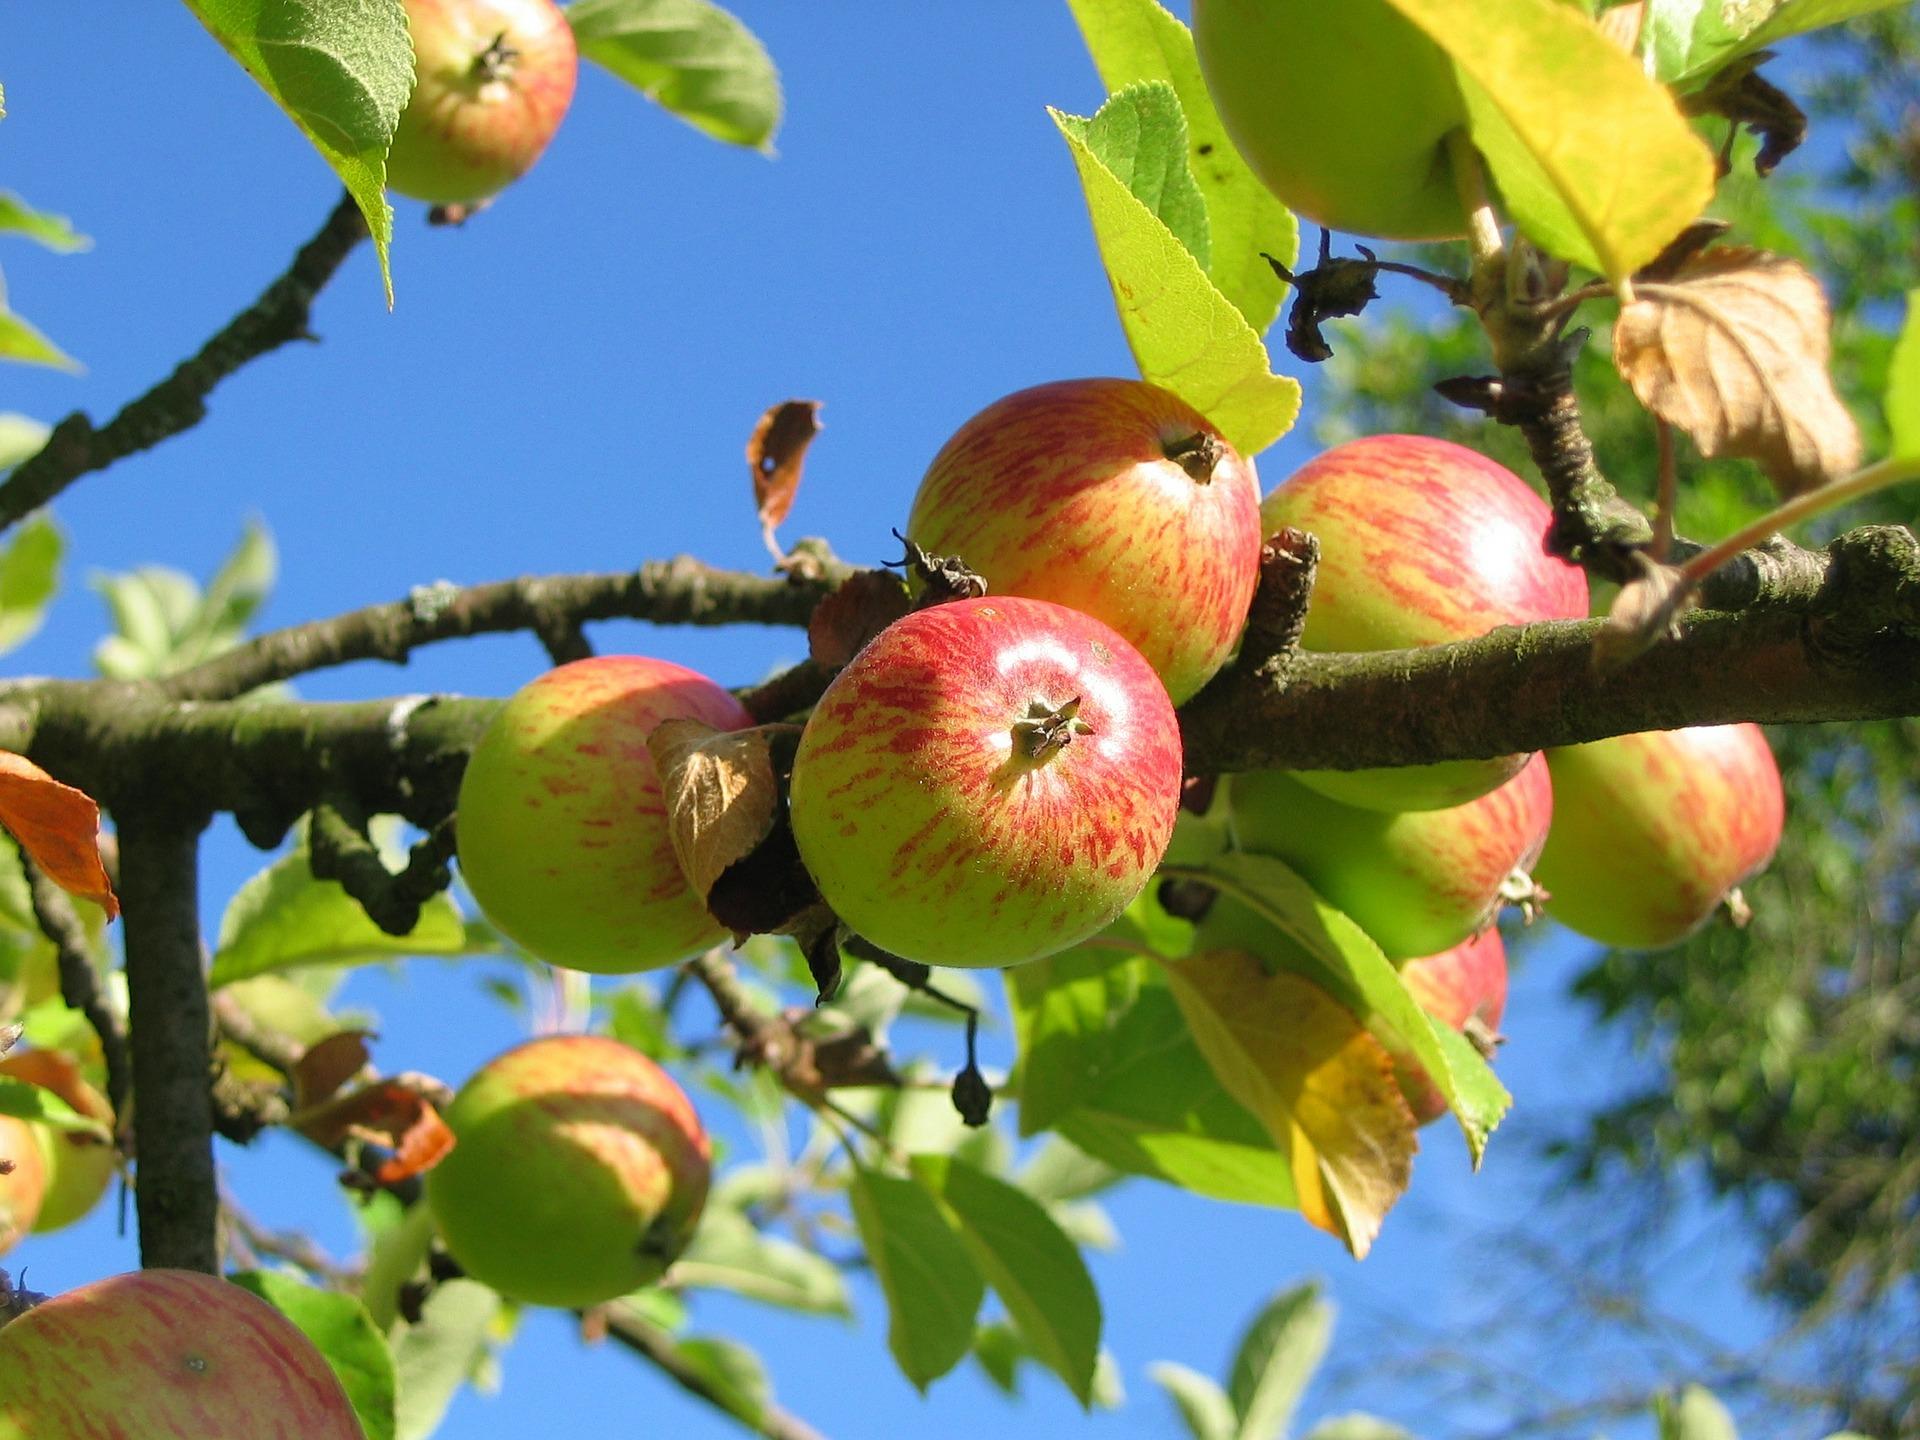 Omenapuun oksa, jossa kymmenkunta kaneliomenapuun omenaa.